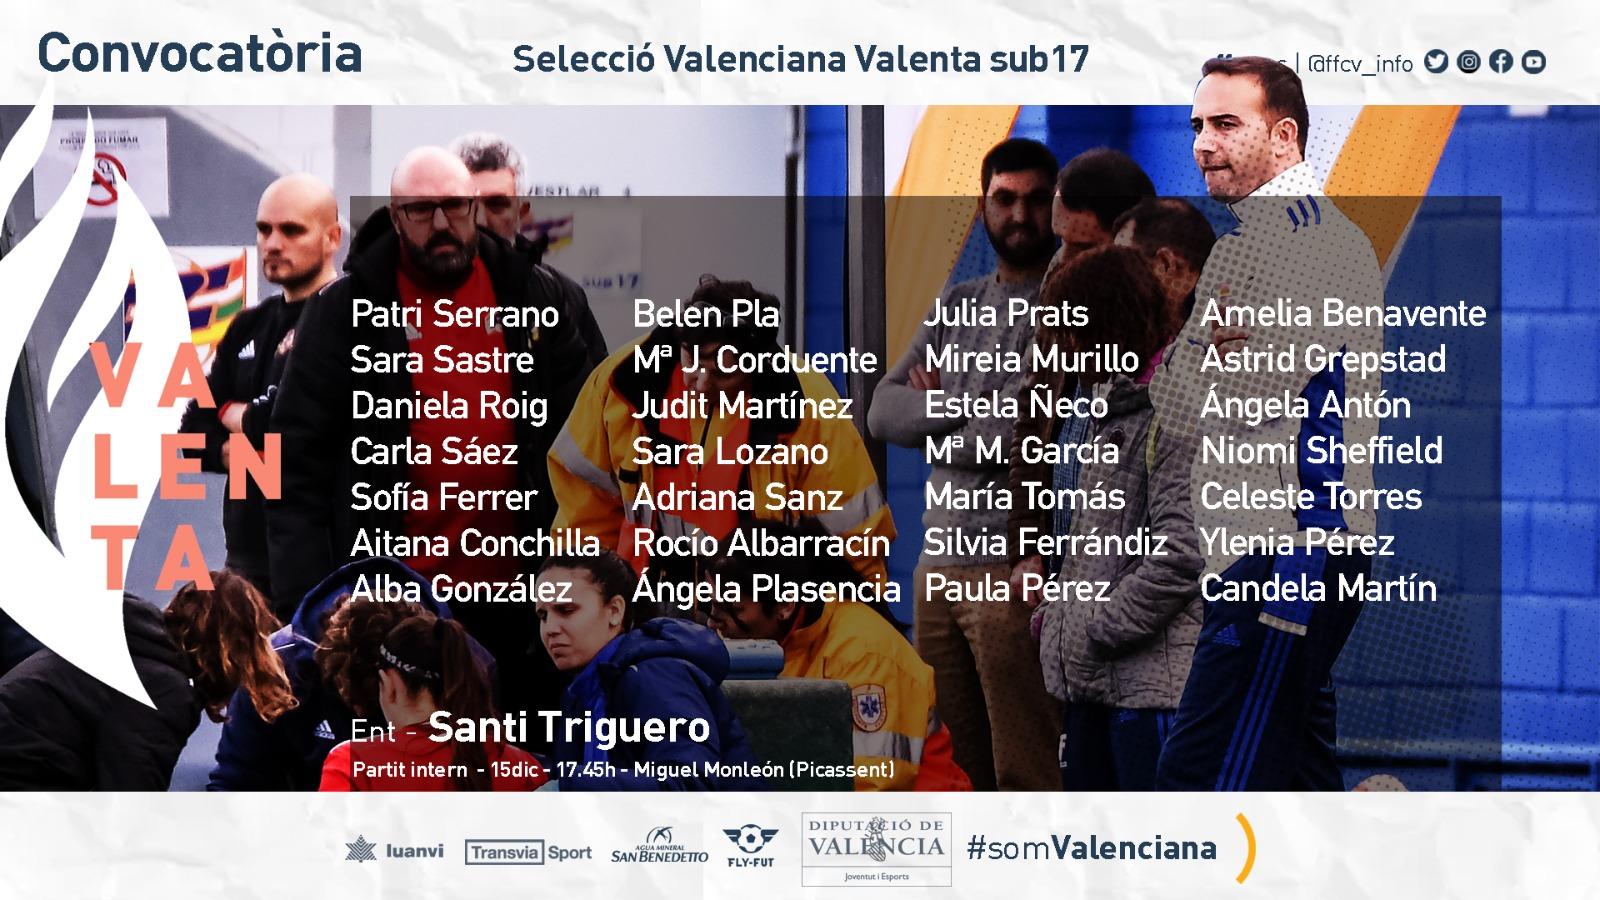 11 dic Tercera convocatoria Triguero sub17